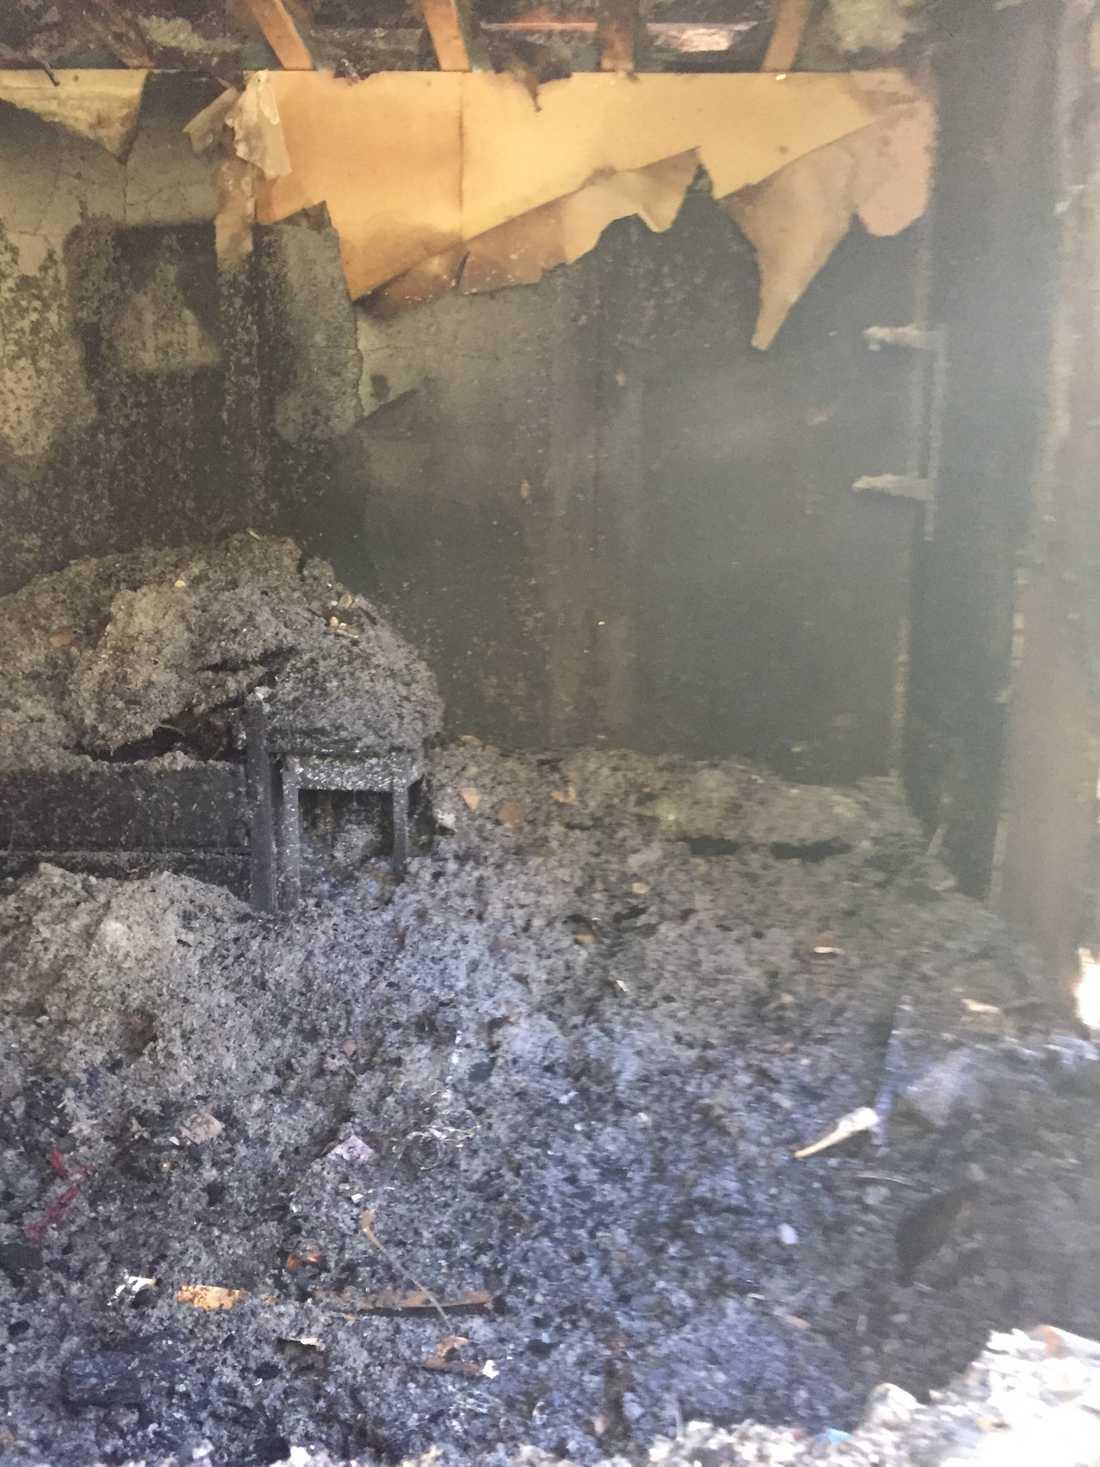 Så här ser dotterns rum ut efter branden som spred sig till resten av huset.